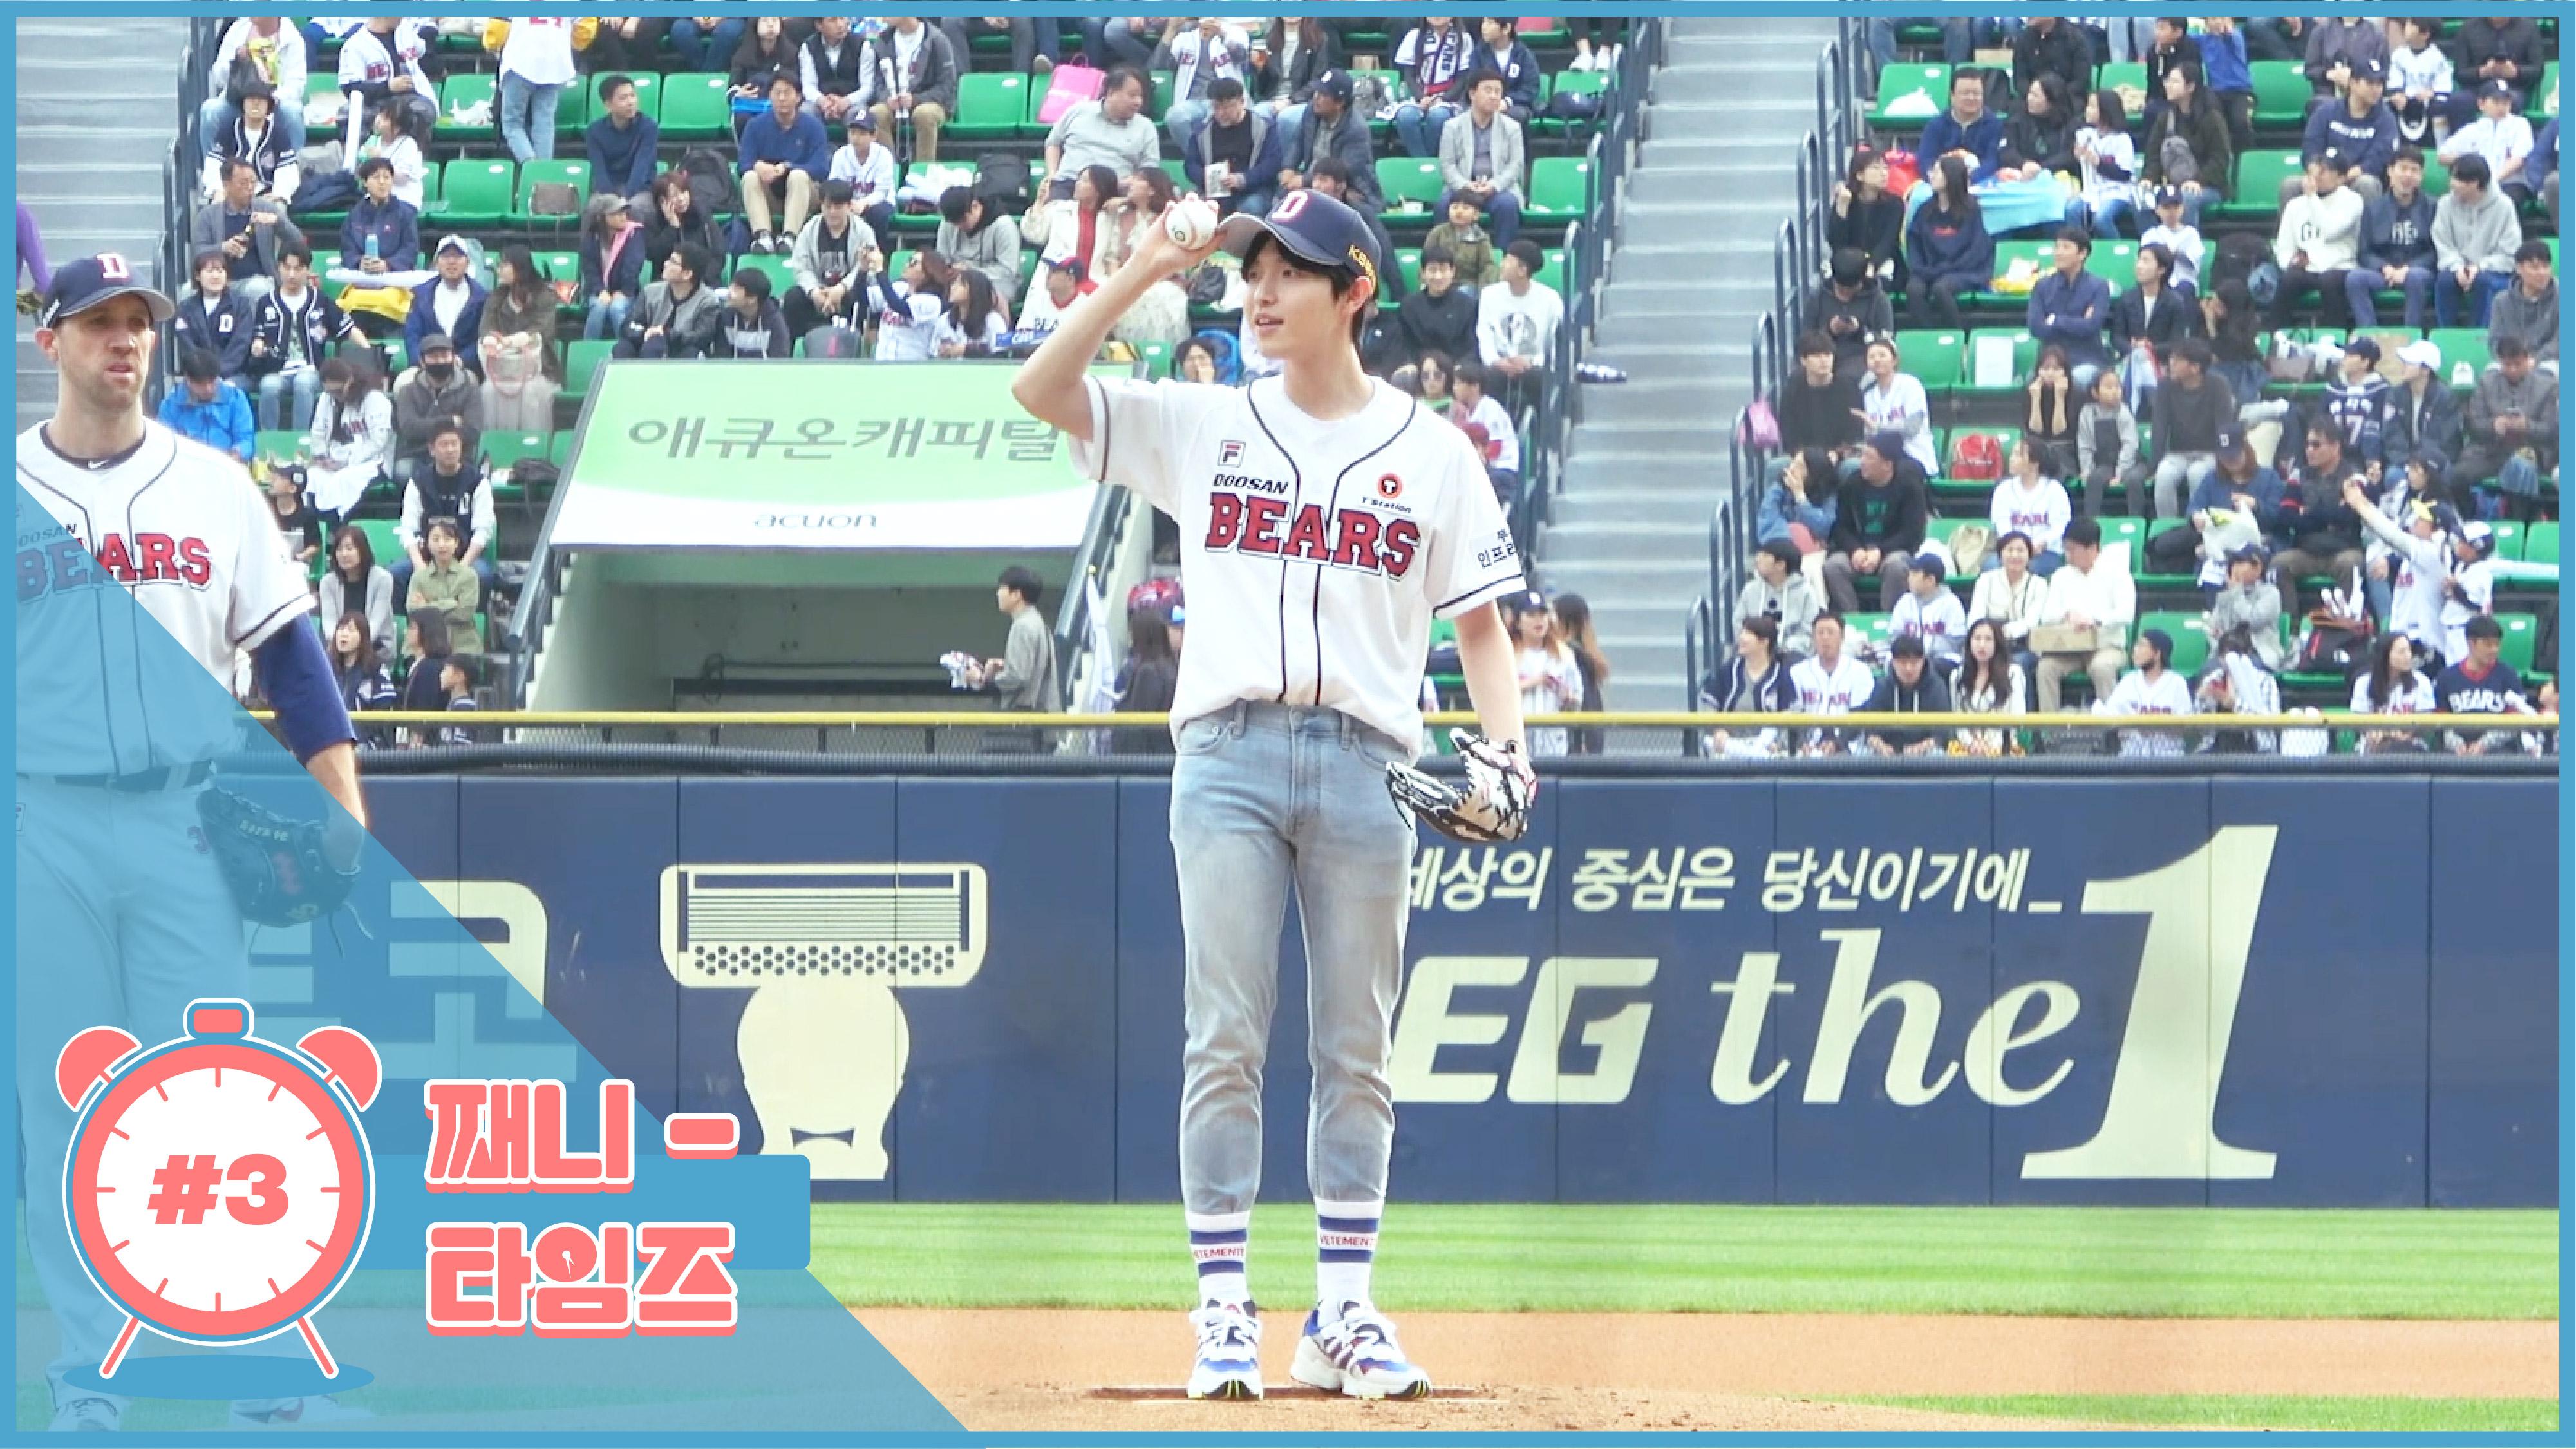 [🎬] 째니타임즈⏰ EP.03 두산베어스 시구 비하인드